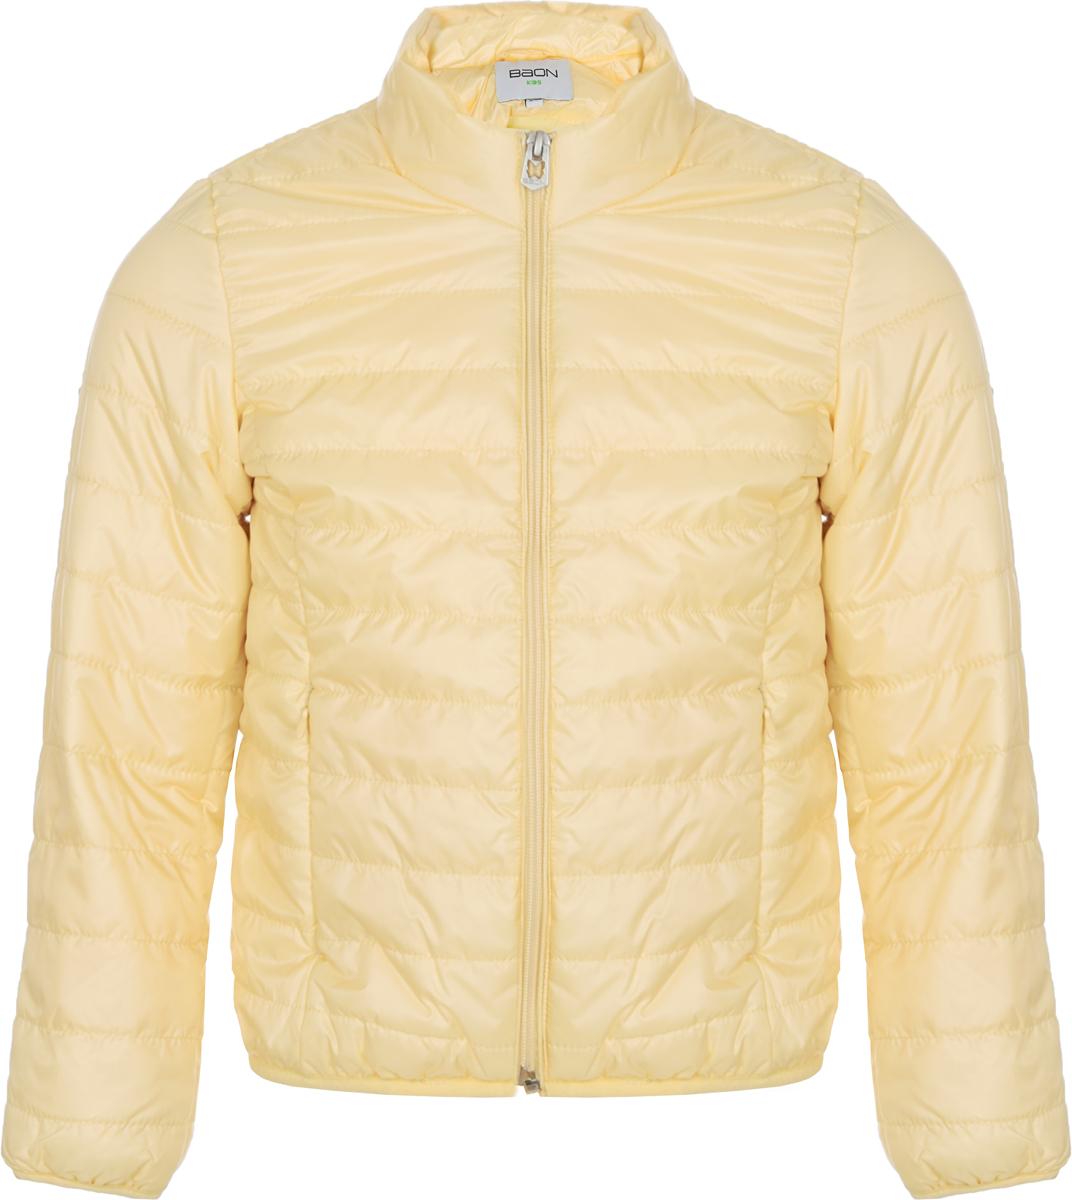 Куртка для девочки Baon, цвет: желтый. BJ038002_Straw. Размер 134/140BJ038002_StrawЛегкая стеганая куртка для девочки от Baon выполнена из полиэстера с утеплителем. Модель с воротником-стойкой застегивается на застежку-молнию. По бокам изделие дополнено втачными карманами.